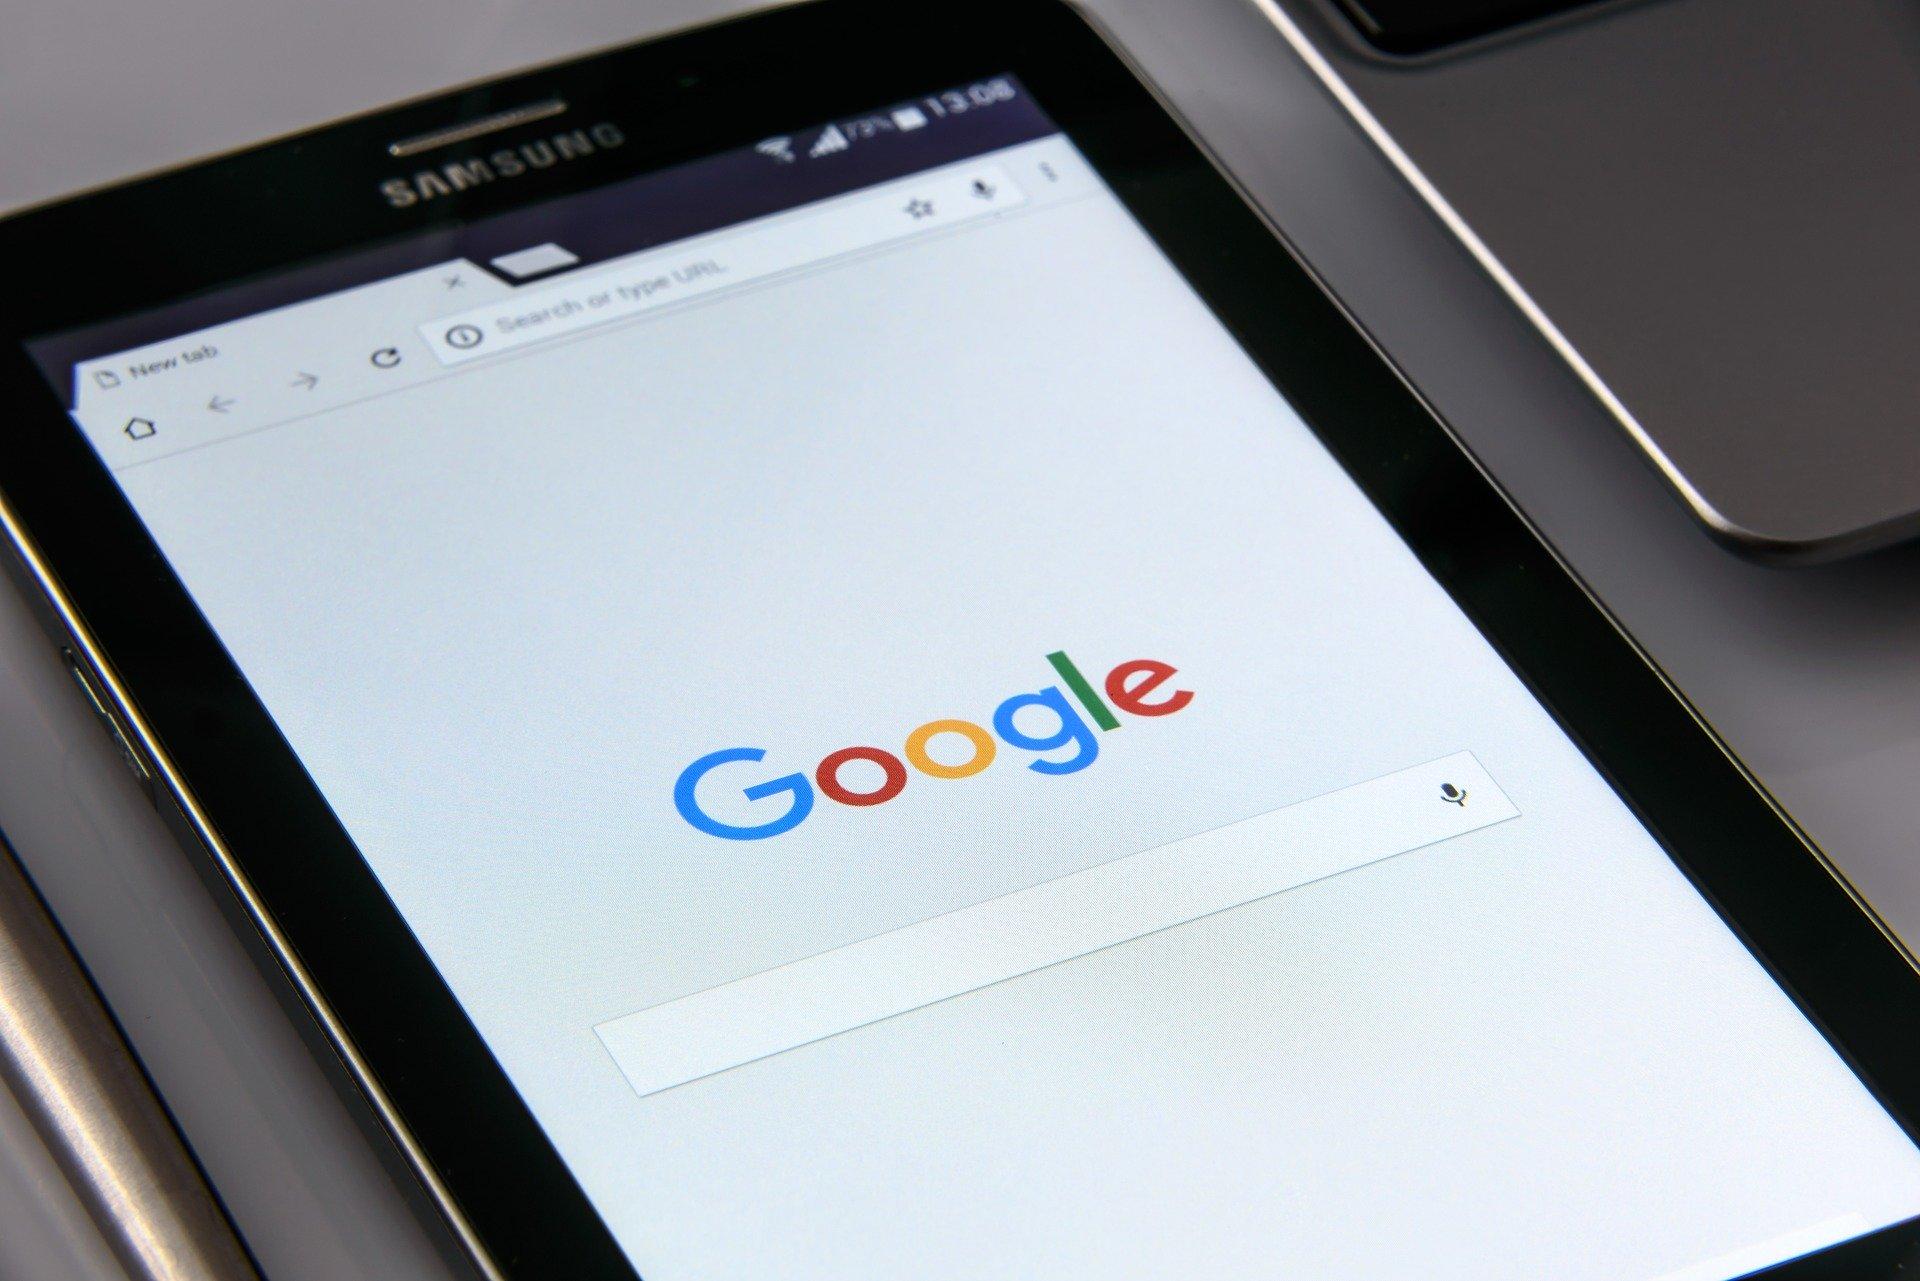 Tablet auf einem Schreibtisch mit der Homepage von Google